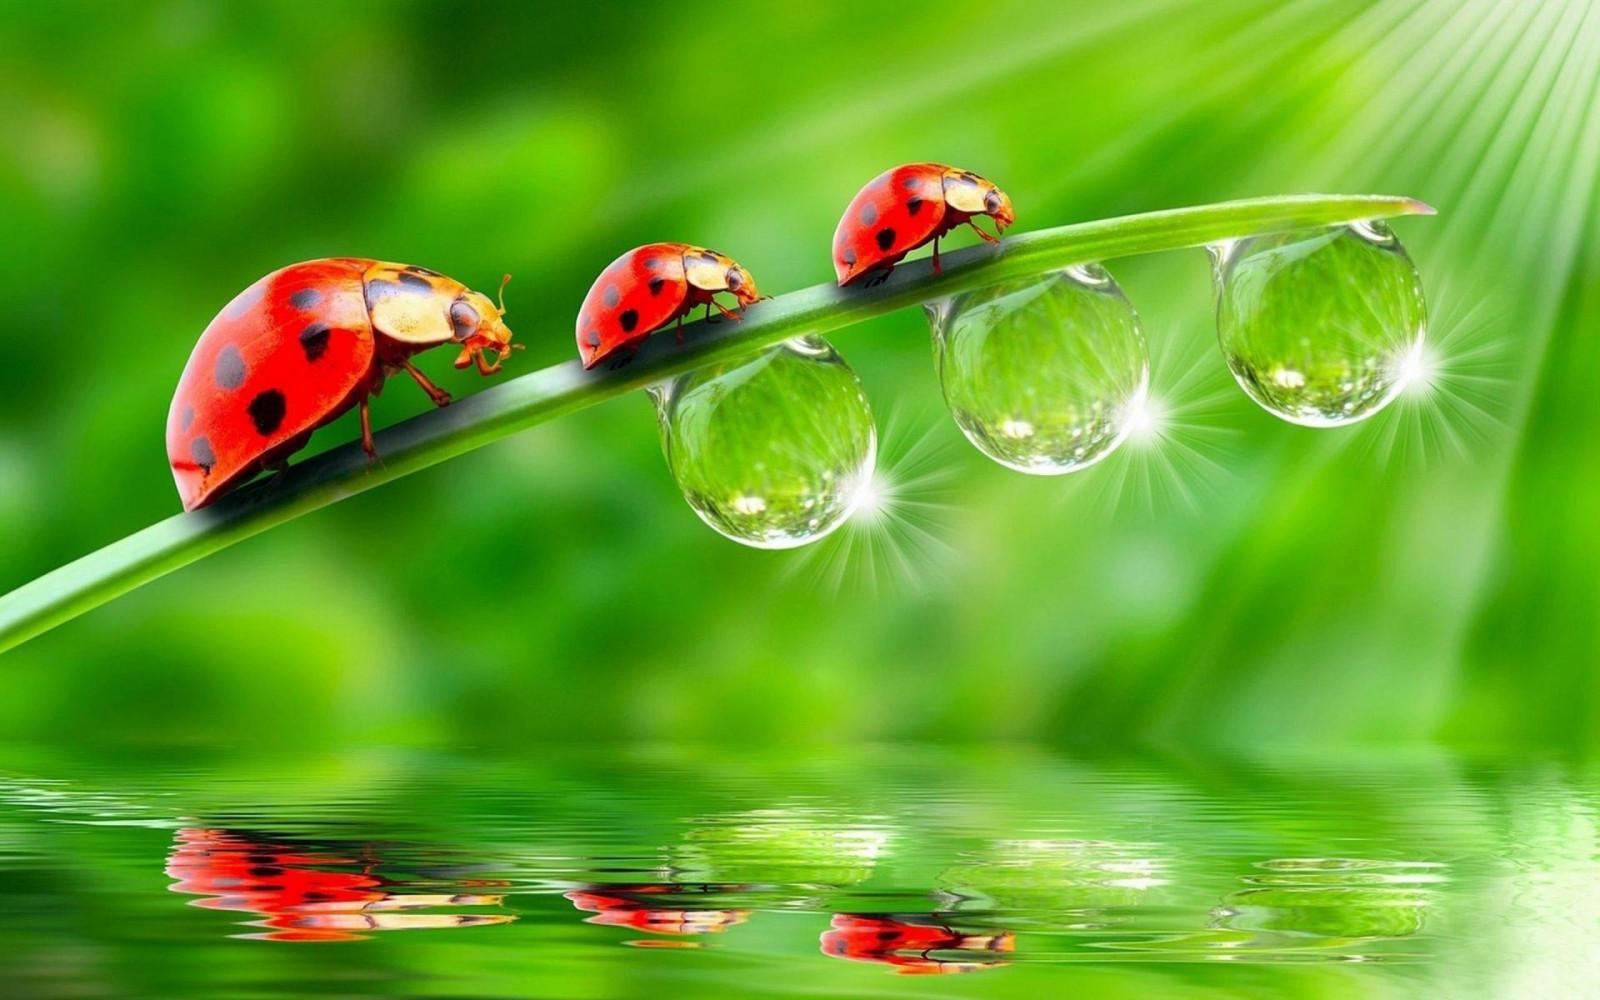 Fond d 39 cran la nature herbe la photographie insecte for La photographie